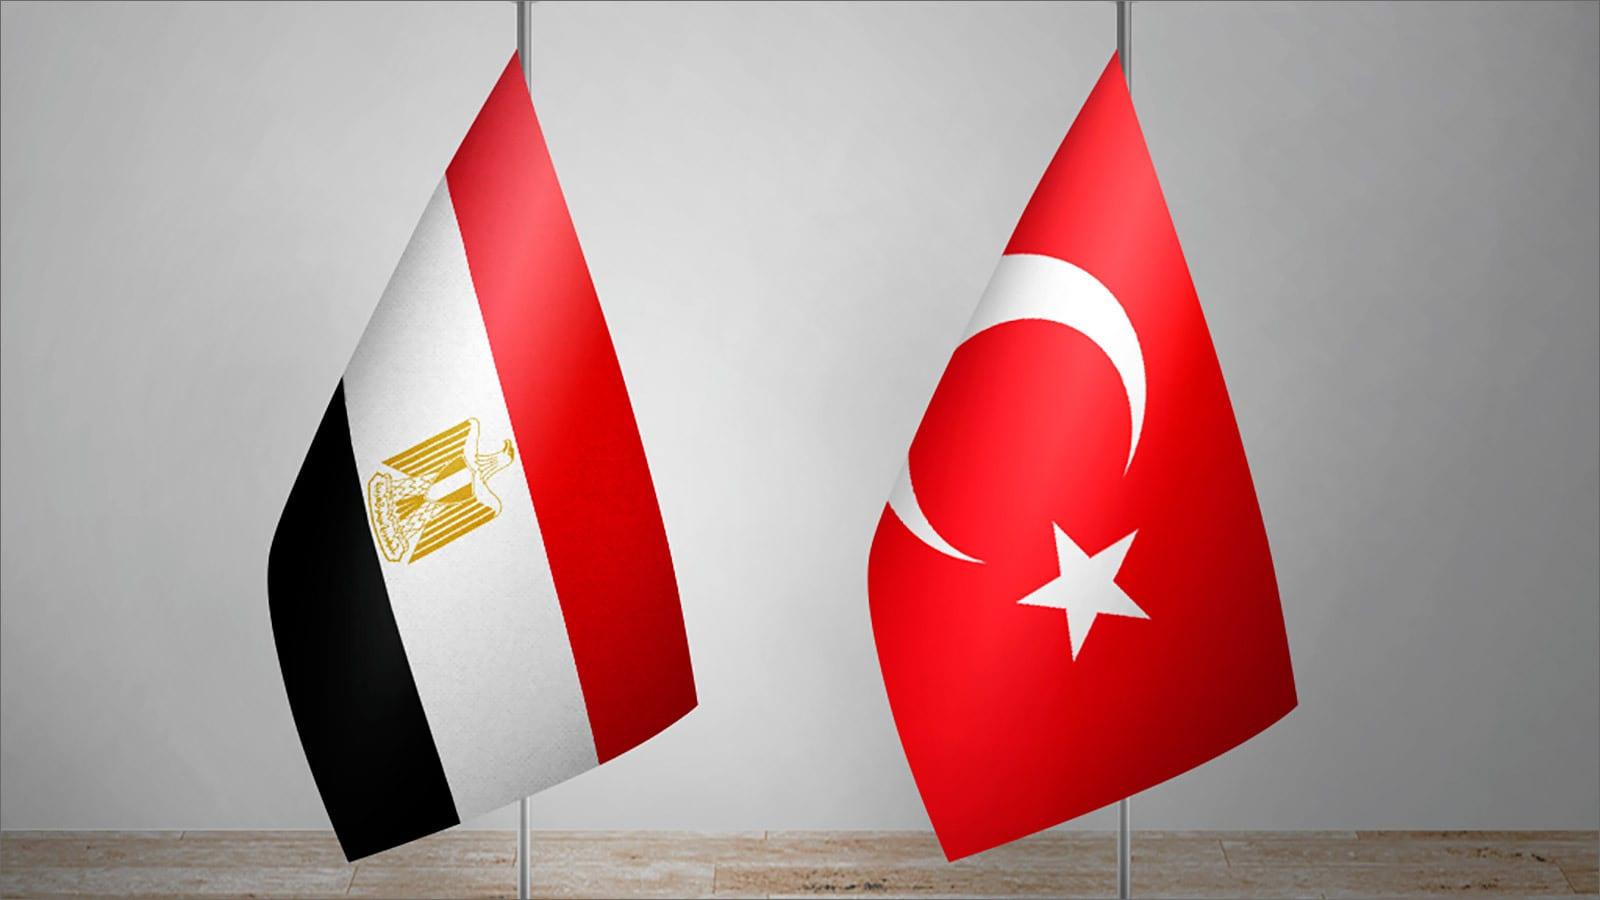 تركيا تقترح عقد اجتماعاً لبحث التعاون مع مصر